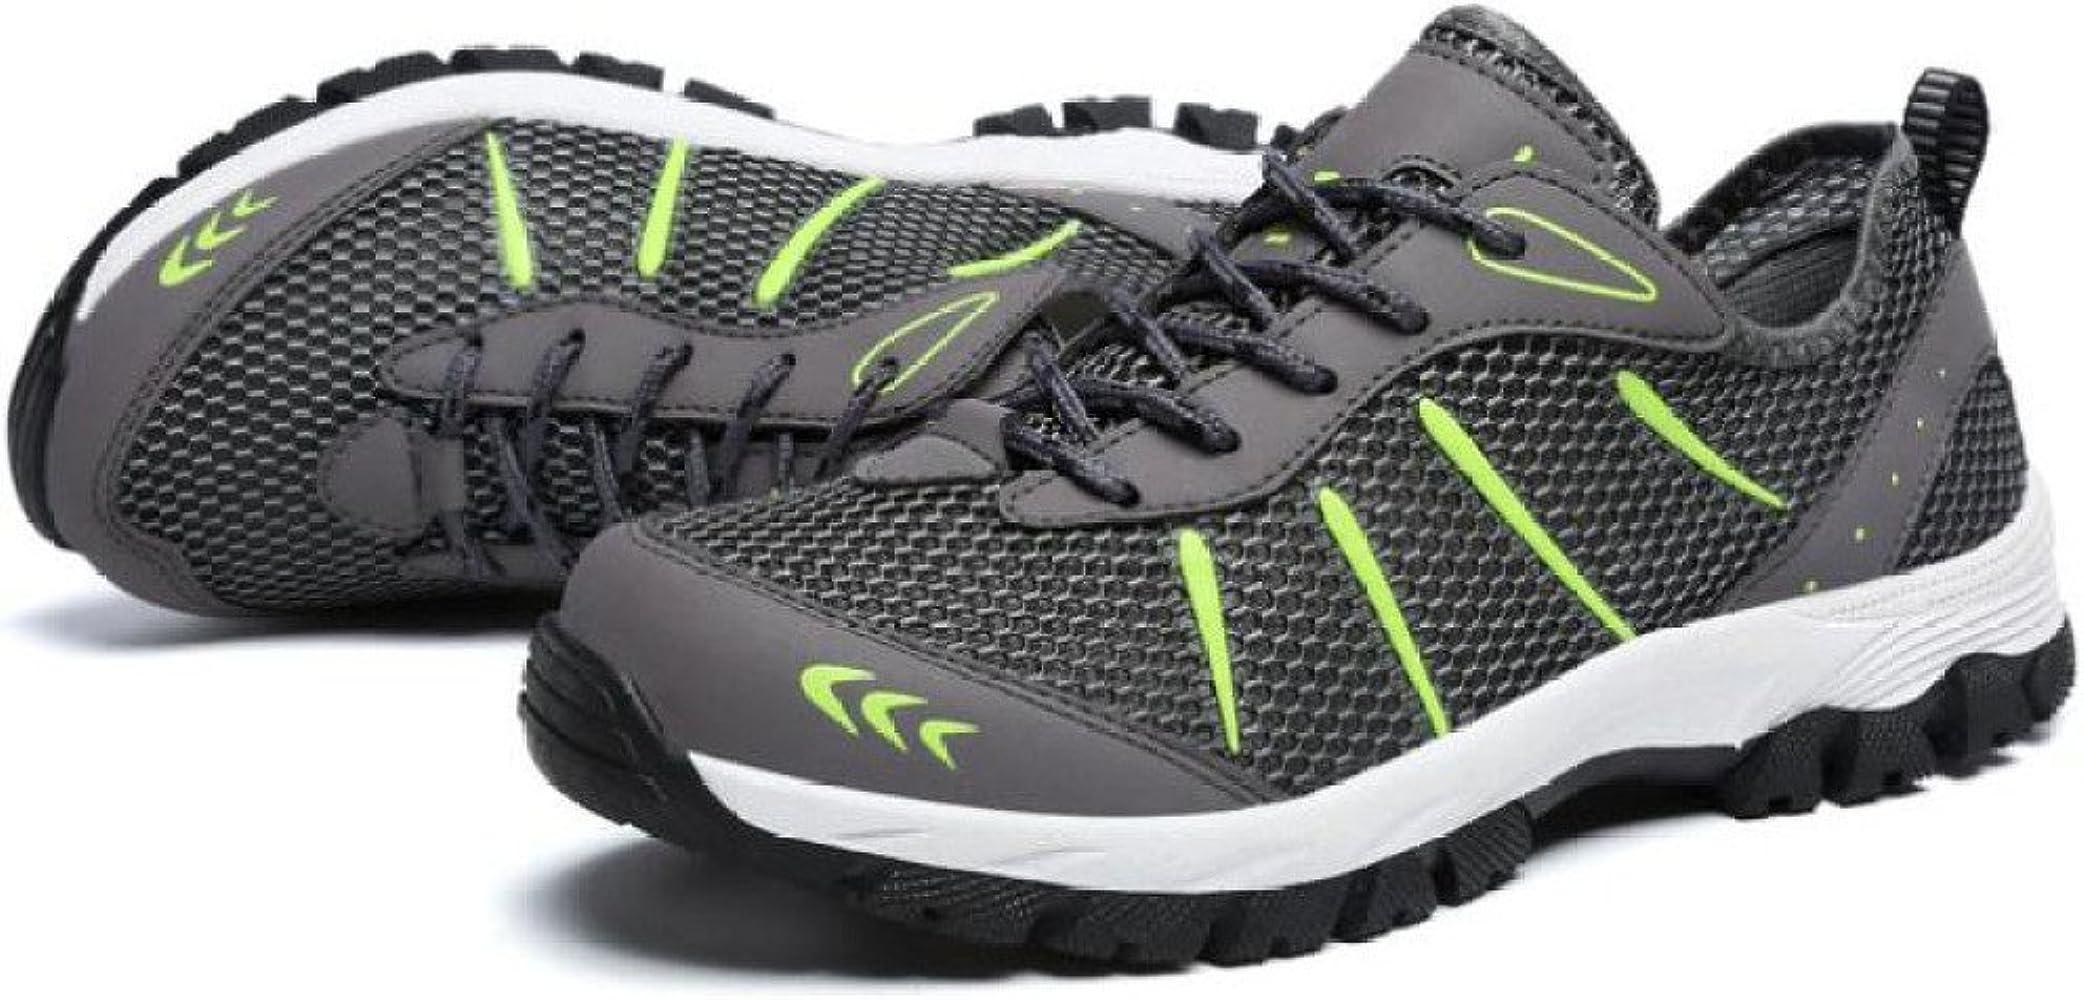 LDZY Tallas Grandes Zapatos De Senderismo Para Hombre Material De Malla Exterior Zapatos Antideslizantes Trekking Al Aire Libre,Grey-EU48/UK10.5: Amazon.es: Ropa y accesorios